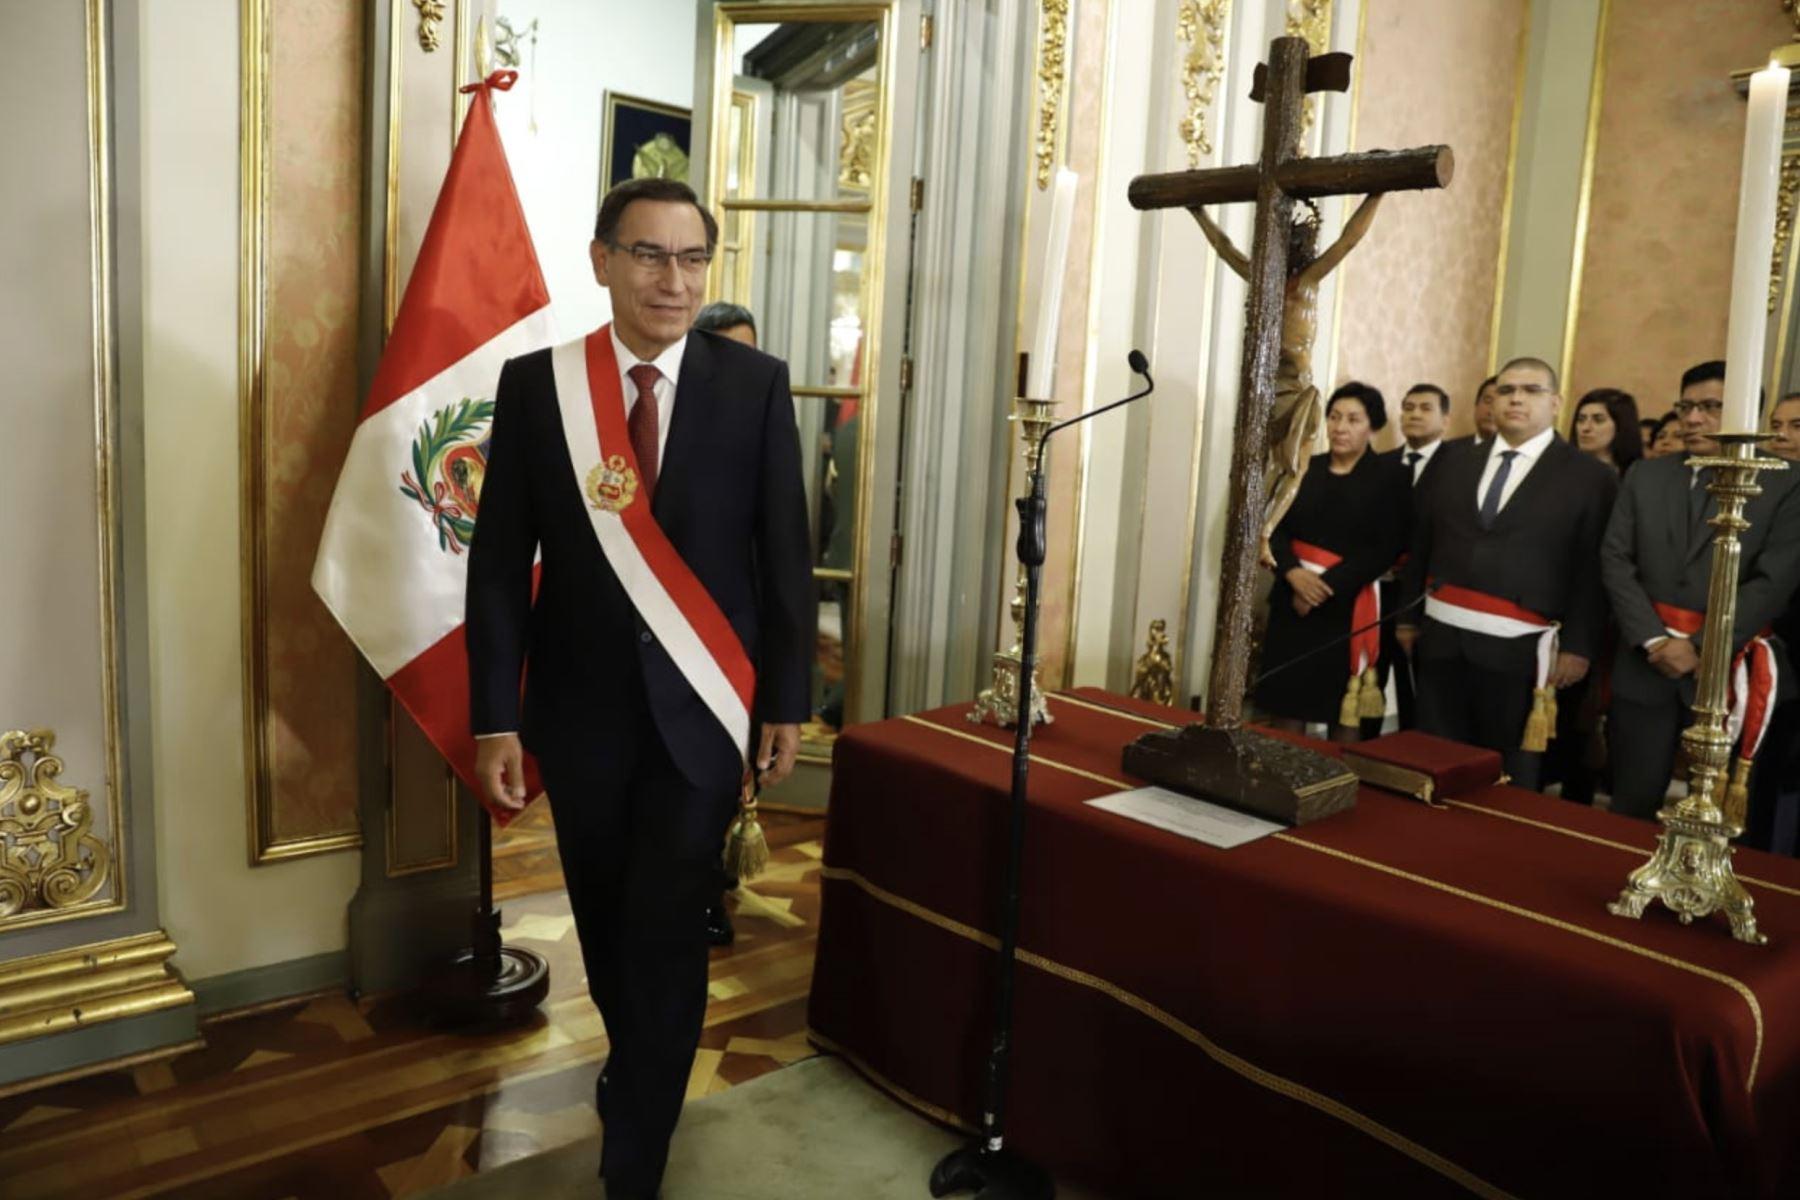 Presidente de la República, Martín Vizcarra juramentó a ministros de los sectores: Educación, Minas, Justicia y Transportes. Foto: ANDINA /Prensa Presidencia